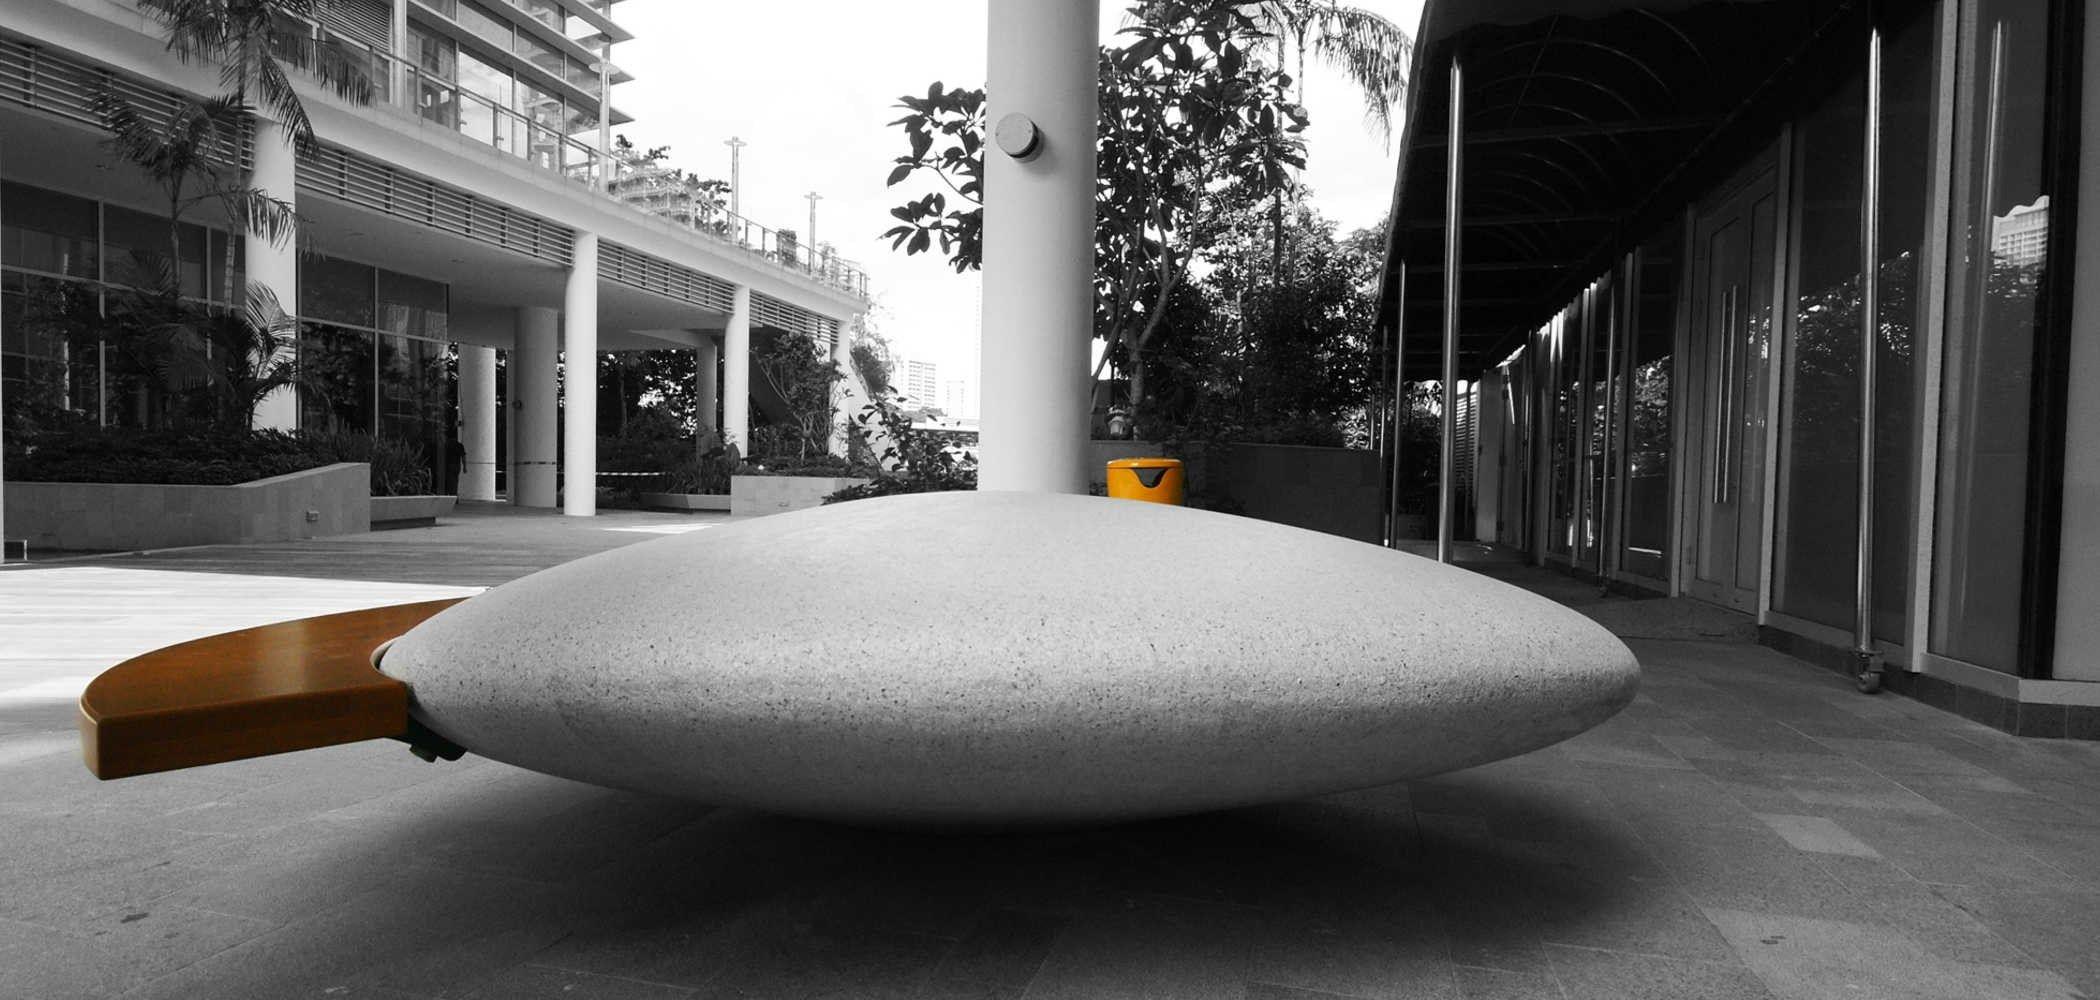 Panchine Da Esterno In Pietra.Seduta Da Esterni In Pietra Ricostruita Moonstone By Metalco